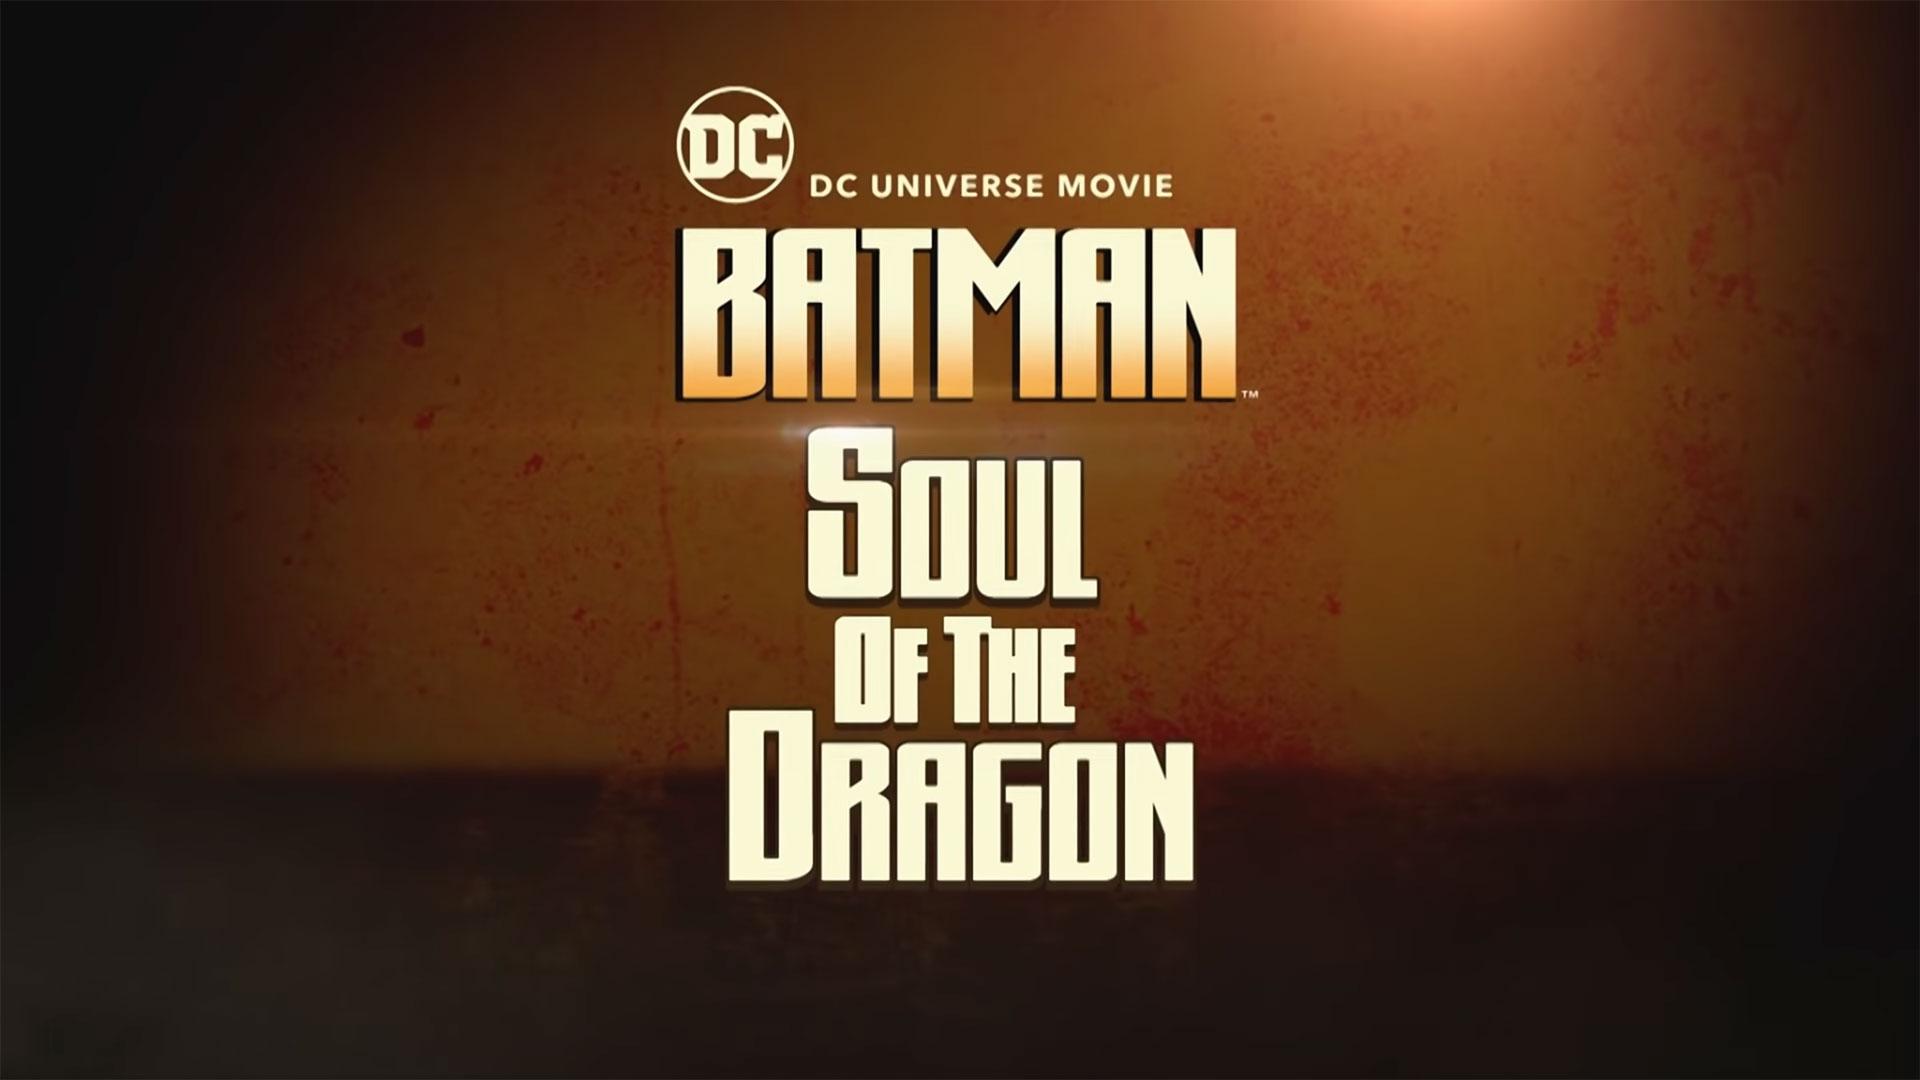 HD wallpaper Batman: Soul of the Dragon review